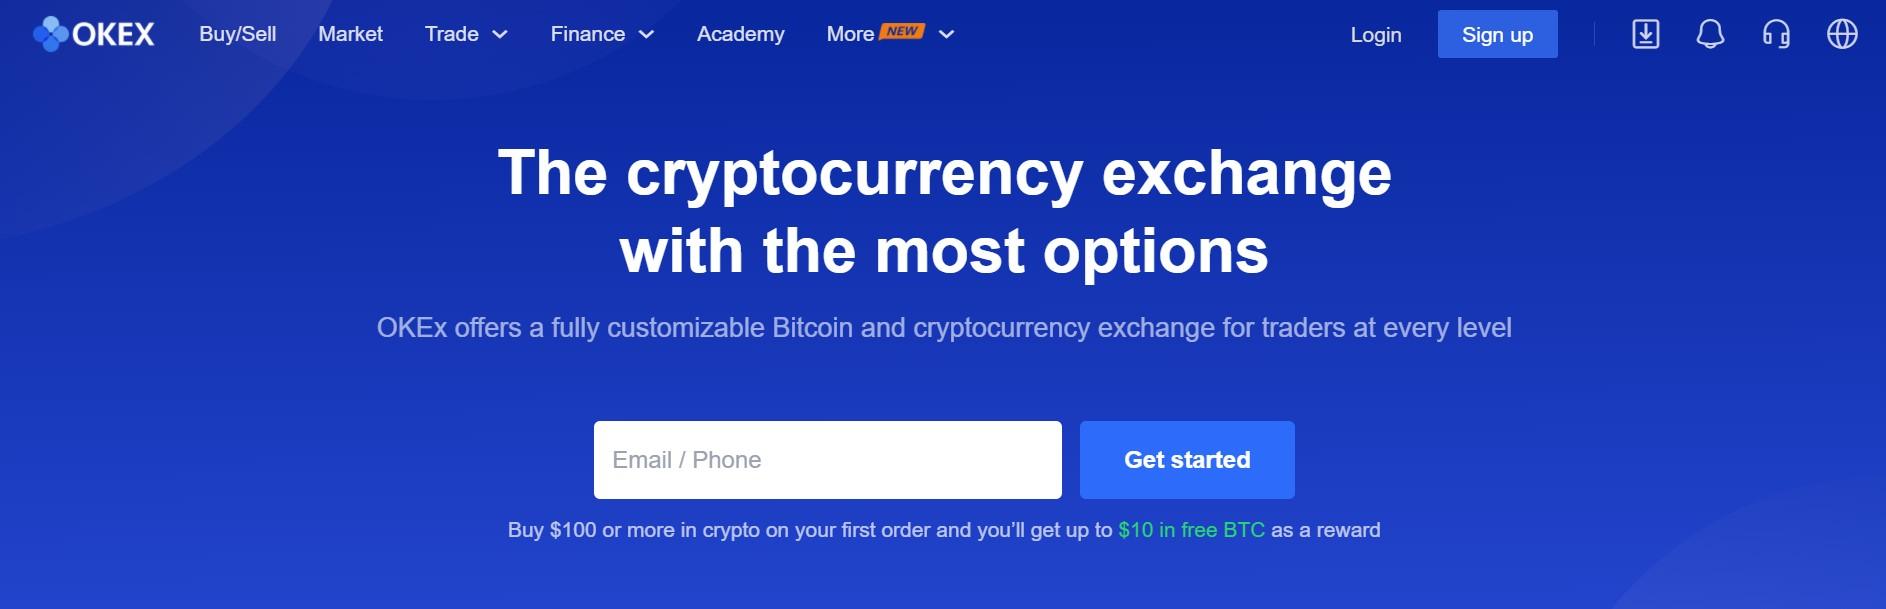 OKEx website